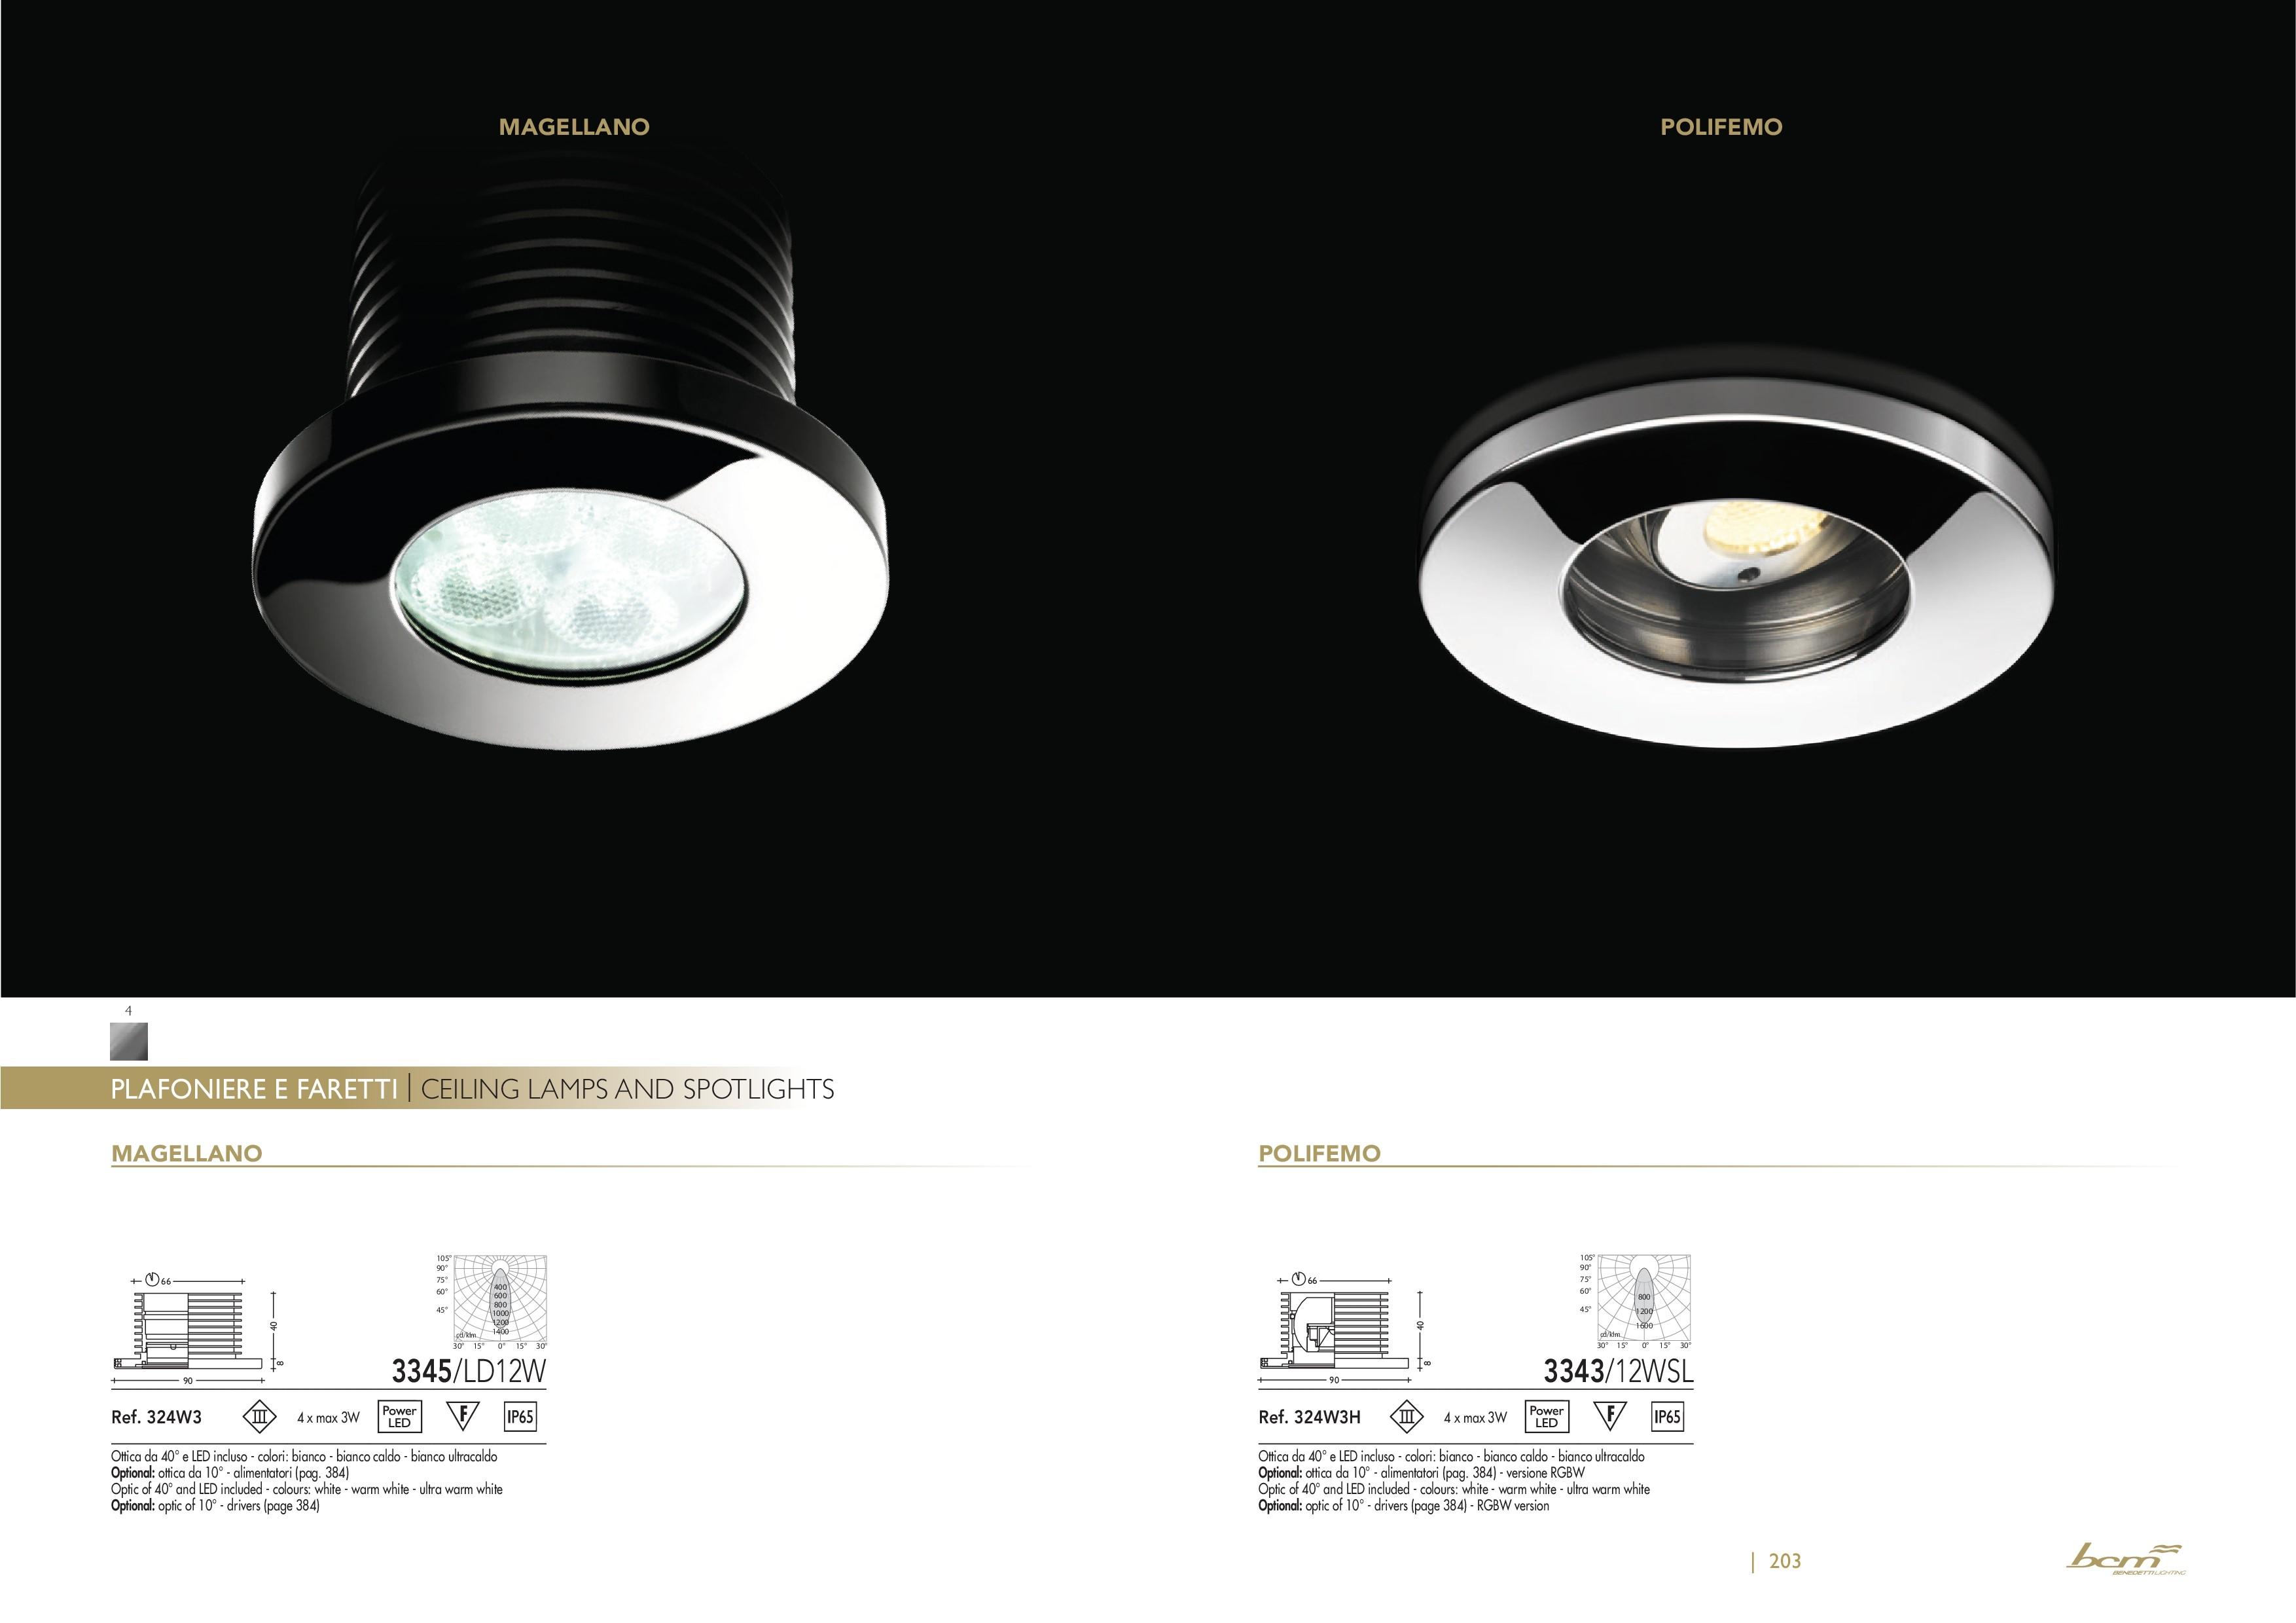 Luci per controllo qualità proiettori a led e lampade per